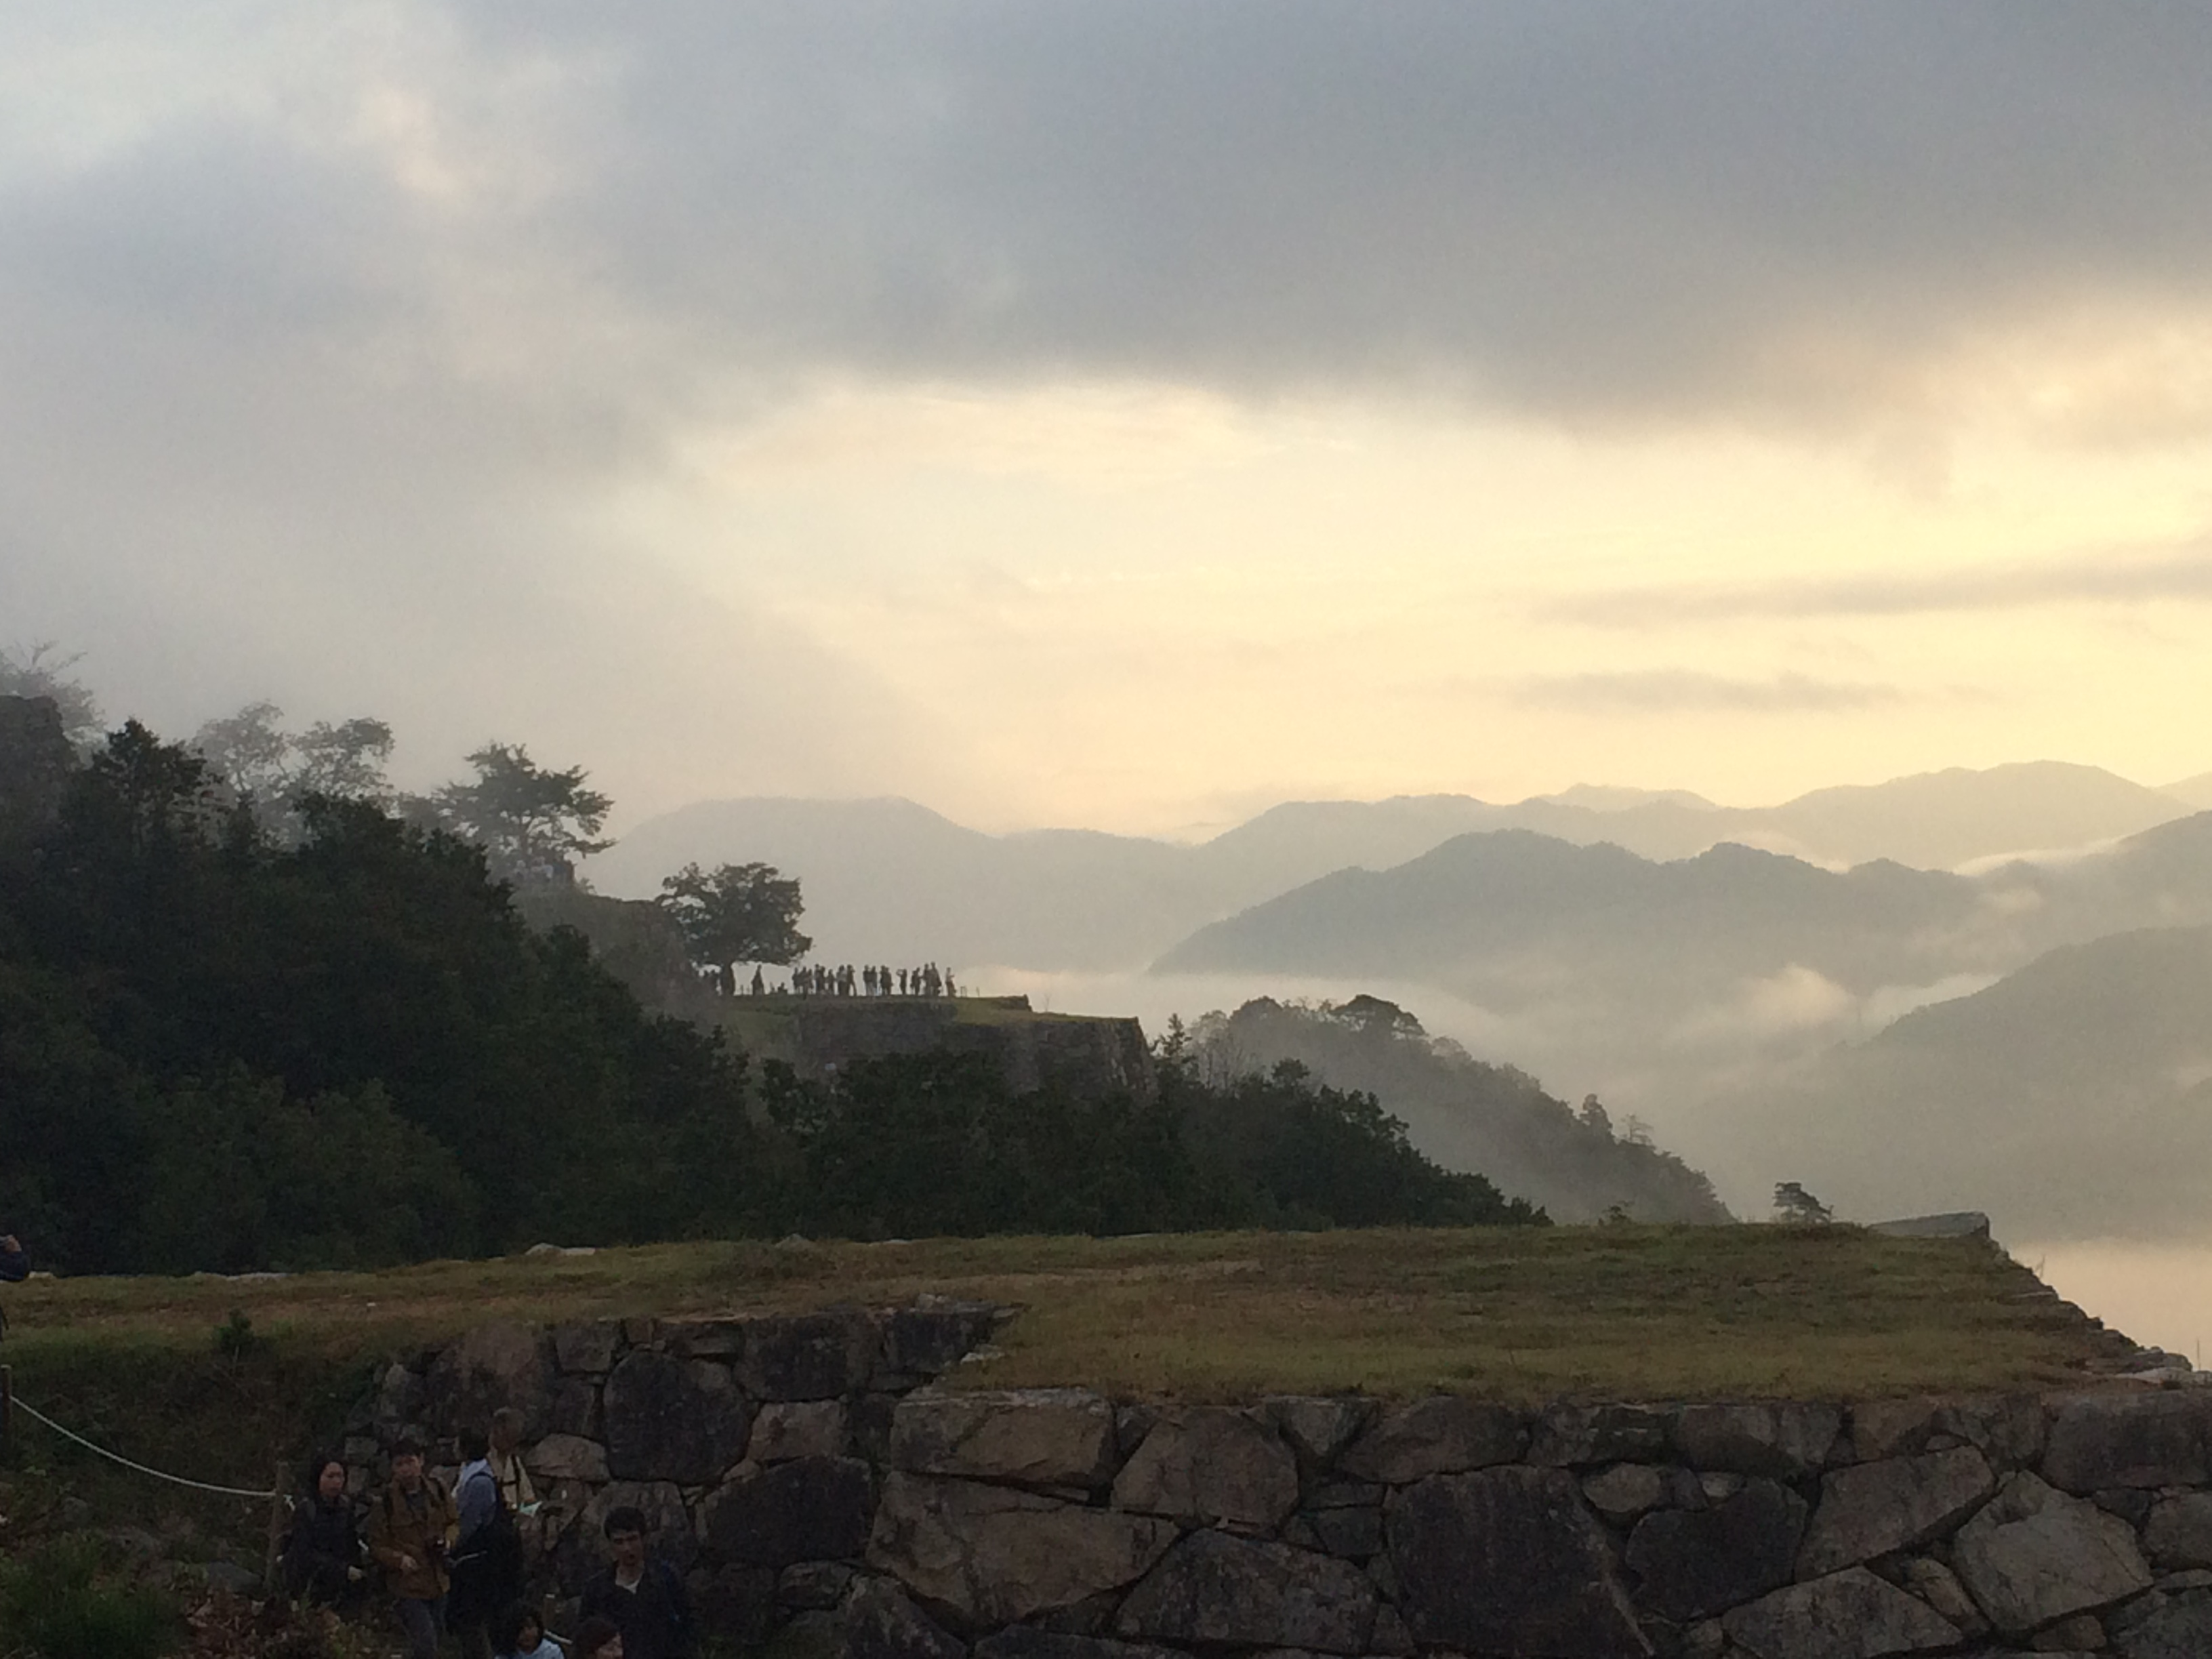 竹田城跡から書写山そして姫路城に行ってきました・・・